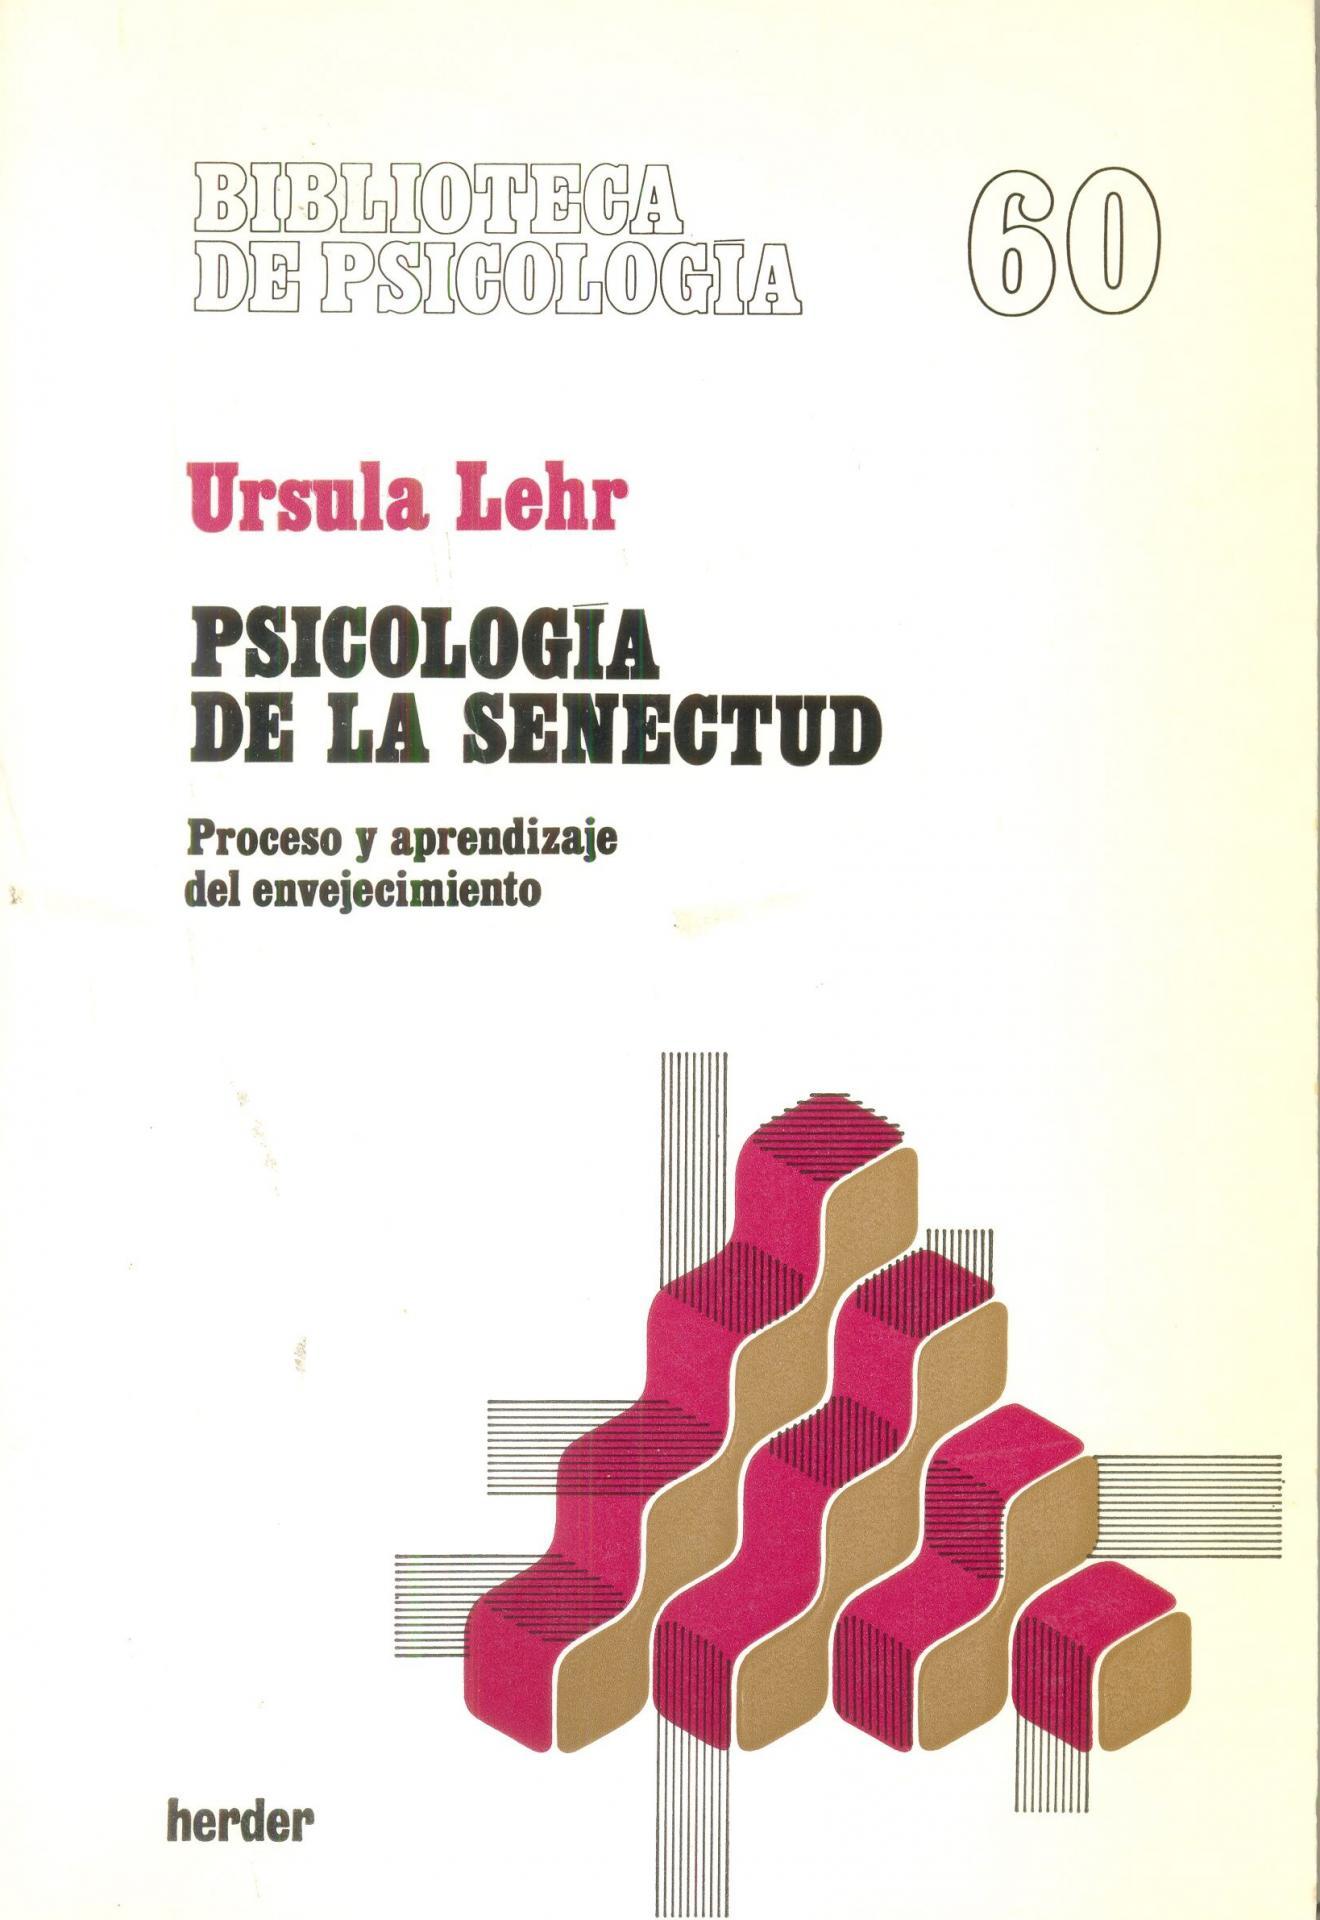 PSICOLOGÍA DE LA SENECTUD. Lehr, A.